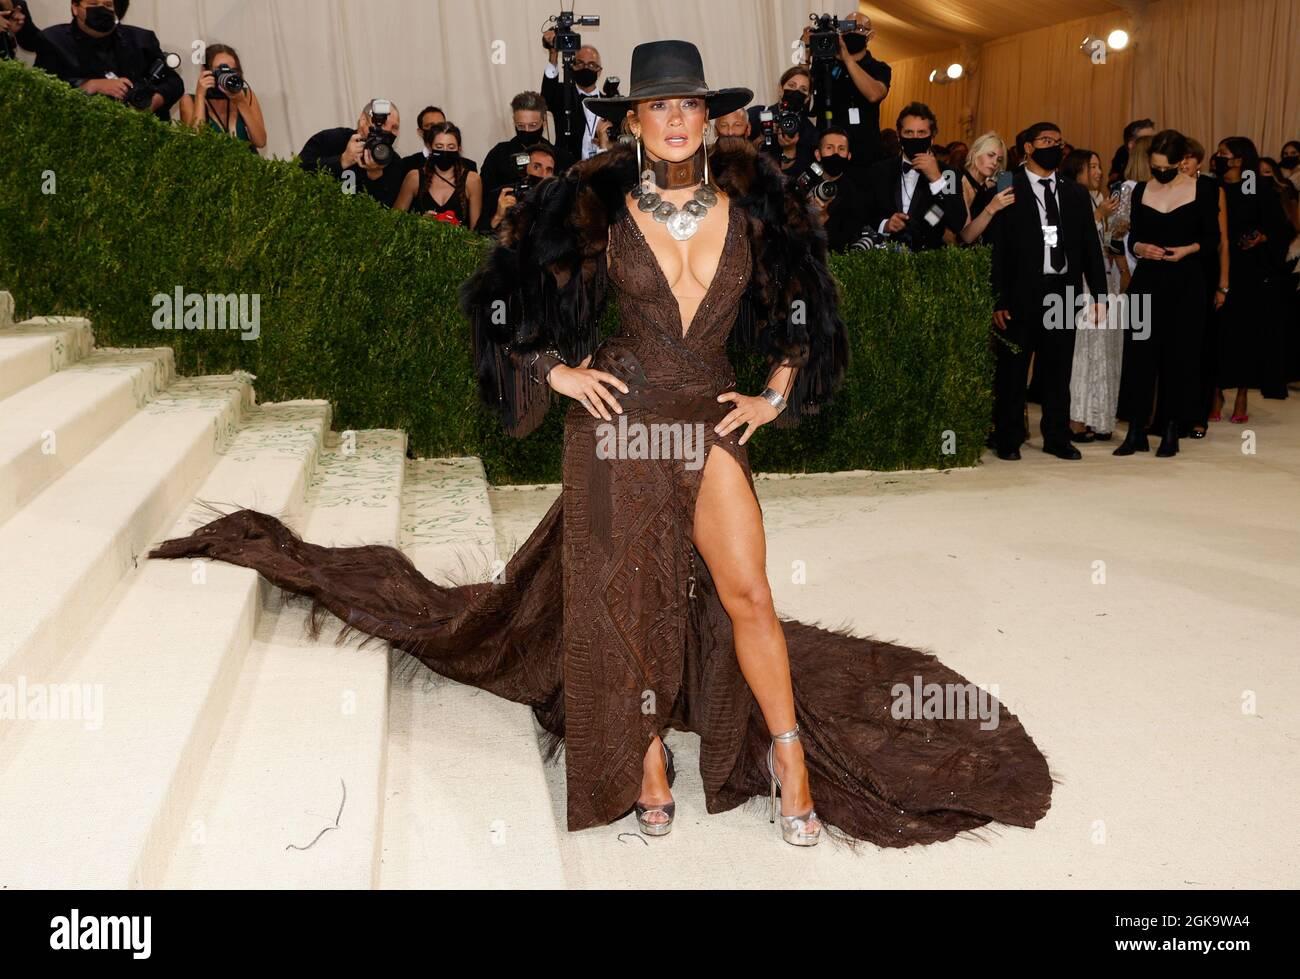 New York, États-Unis. 13 septembre 2021. Jennifer Lopez arrive pour le gala met au Metropolitan Museum of Art pour célébrer l'ouverture de in America: A Lexique of Fashion à New York le lundi 13 septembre 2021. Photo de John Angelillo/UPI crédit: UPI/Alay Live News Banque D'Images